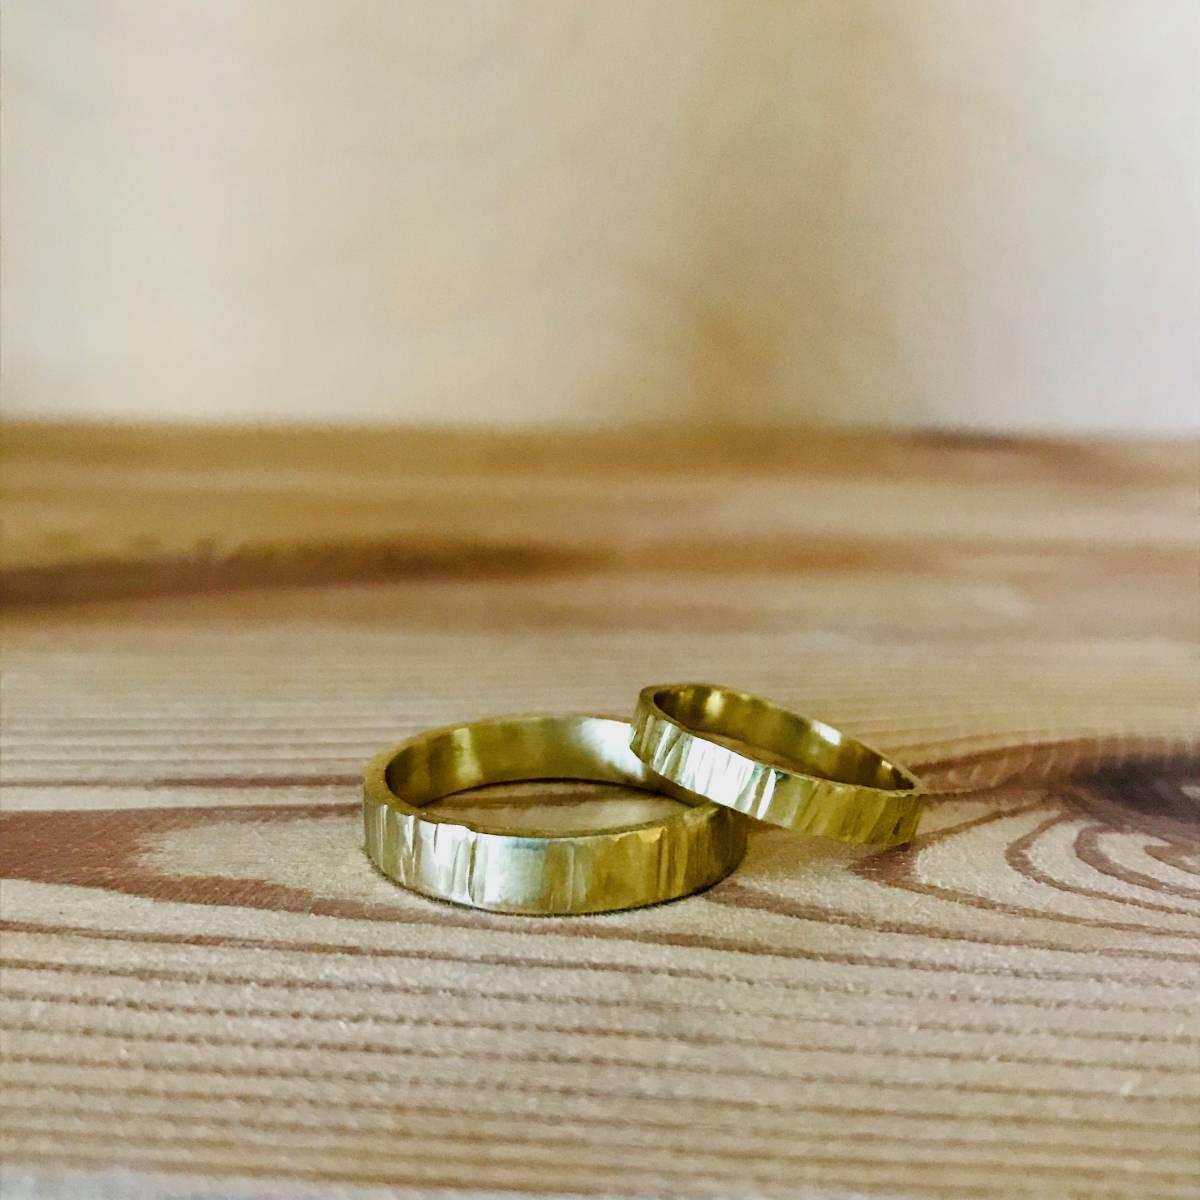 MMAAK - Bruidsjuwelen - Fotograaf Marlies Martens (zelf) - House of Weddings 24